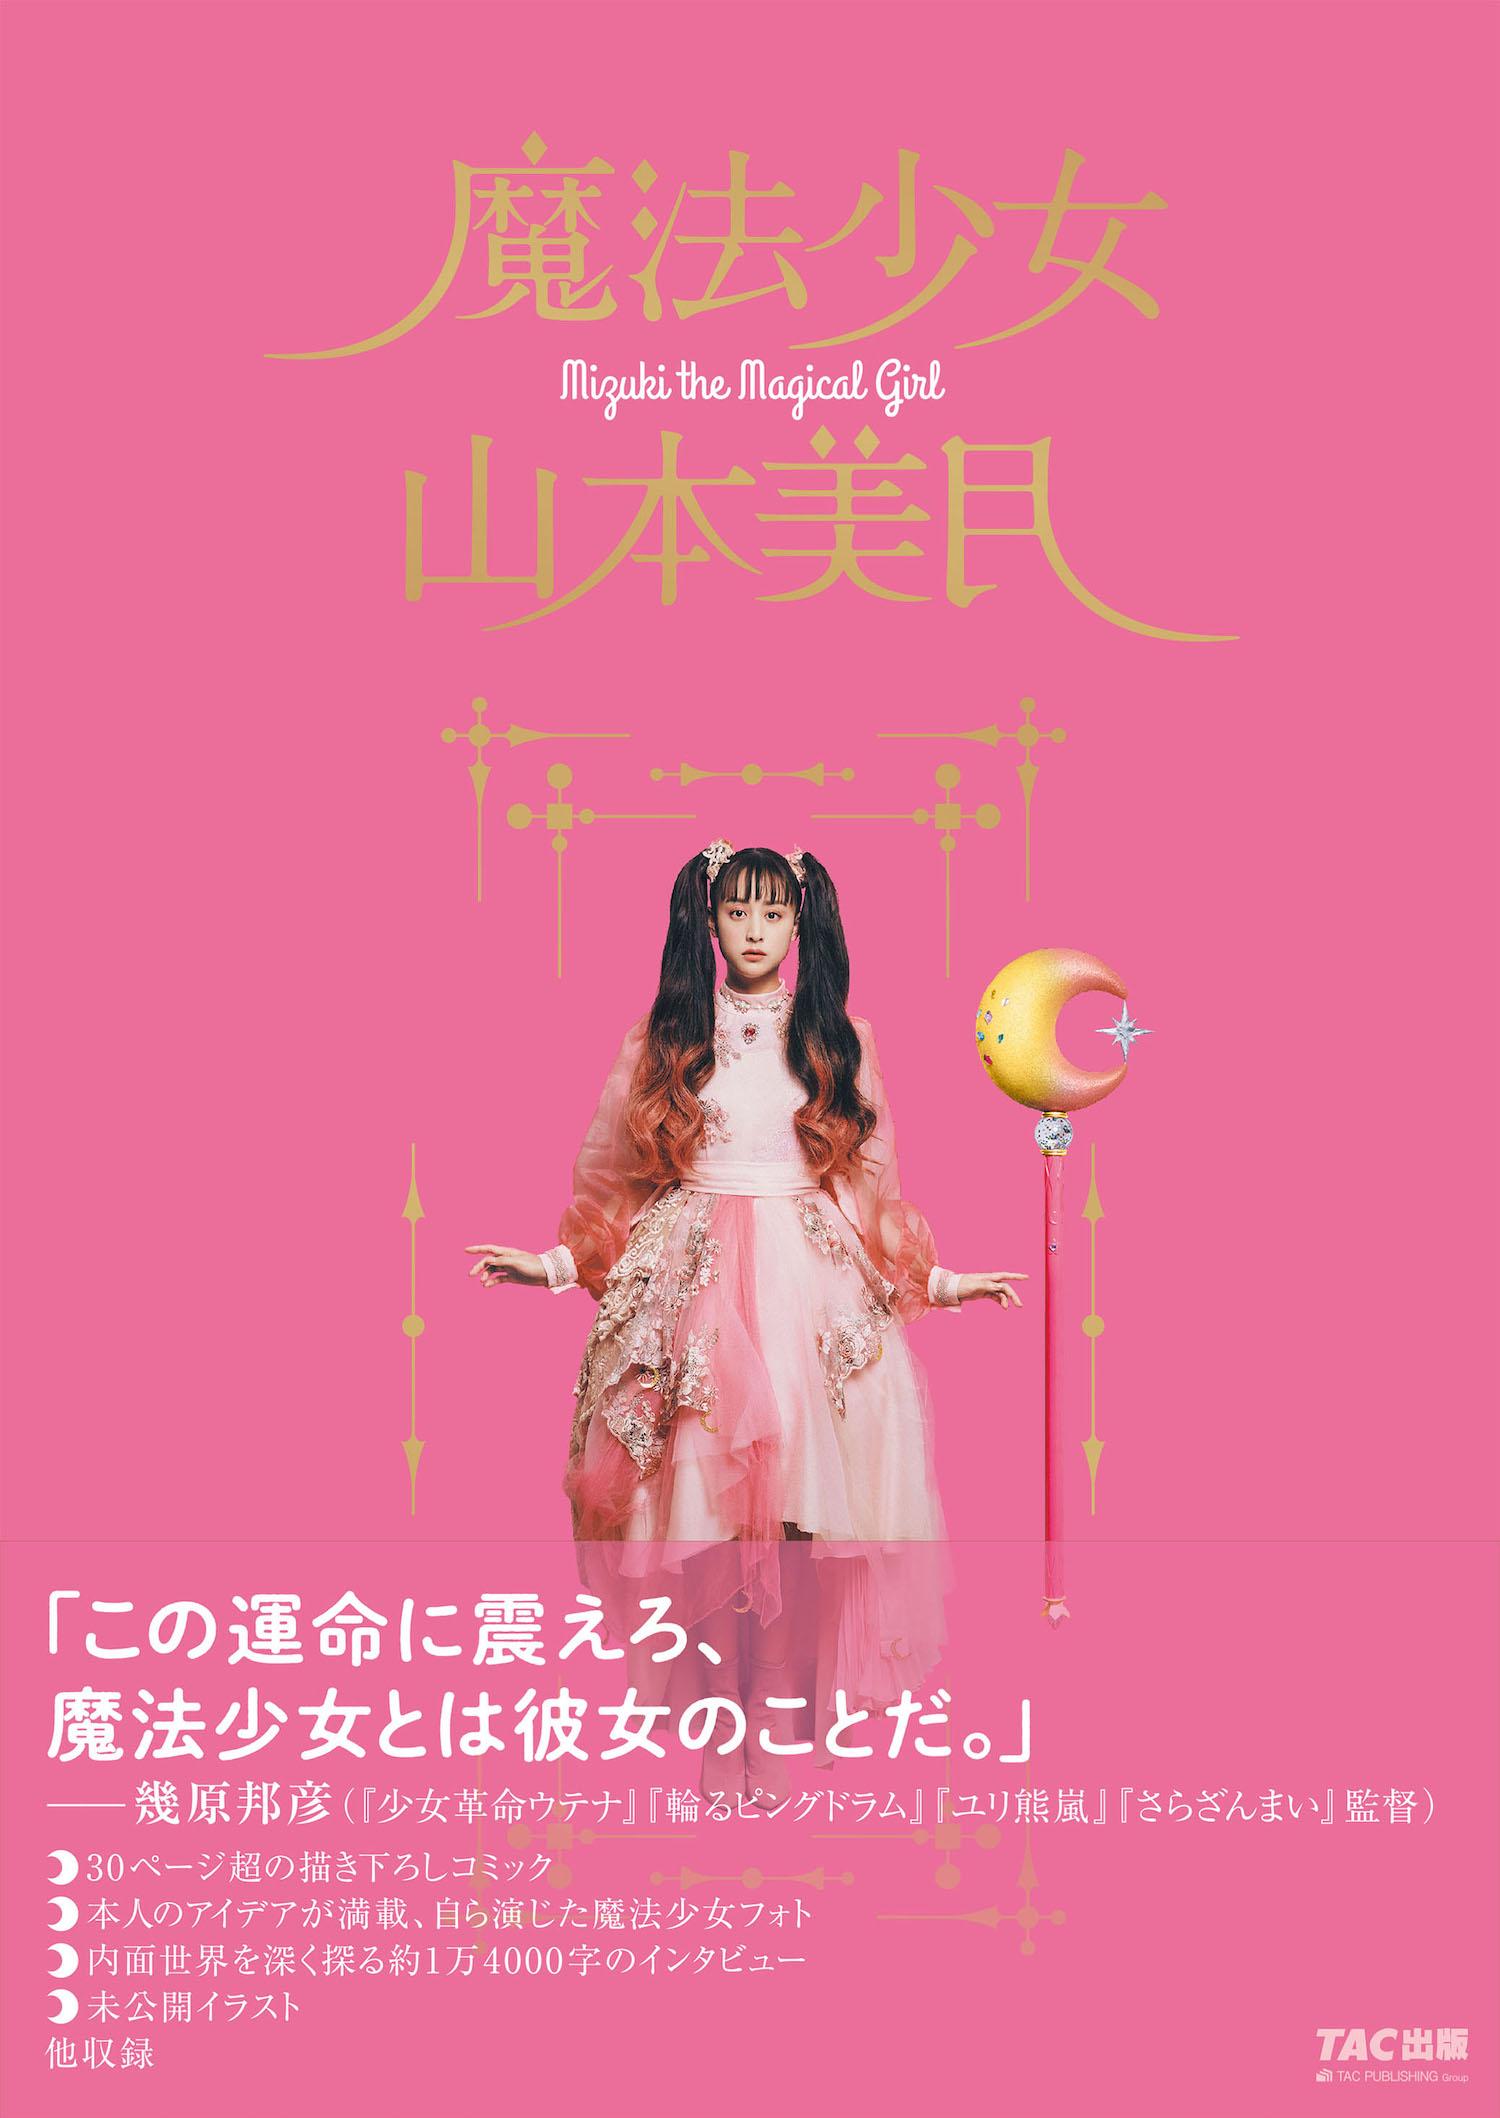 『魔法少女 山本美月』カバー(通常版)